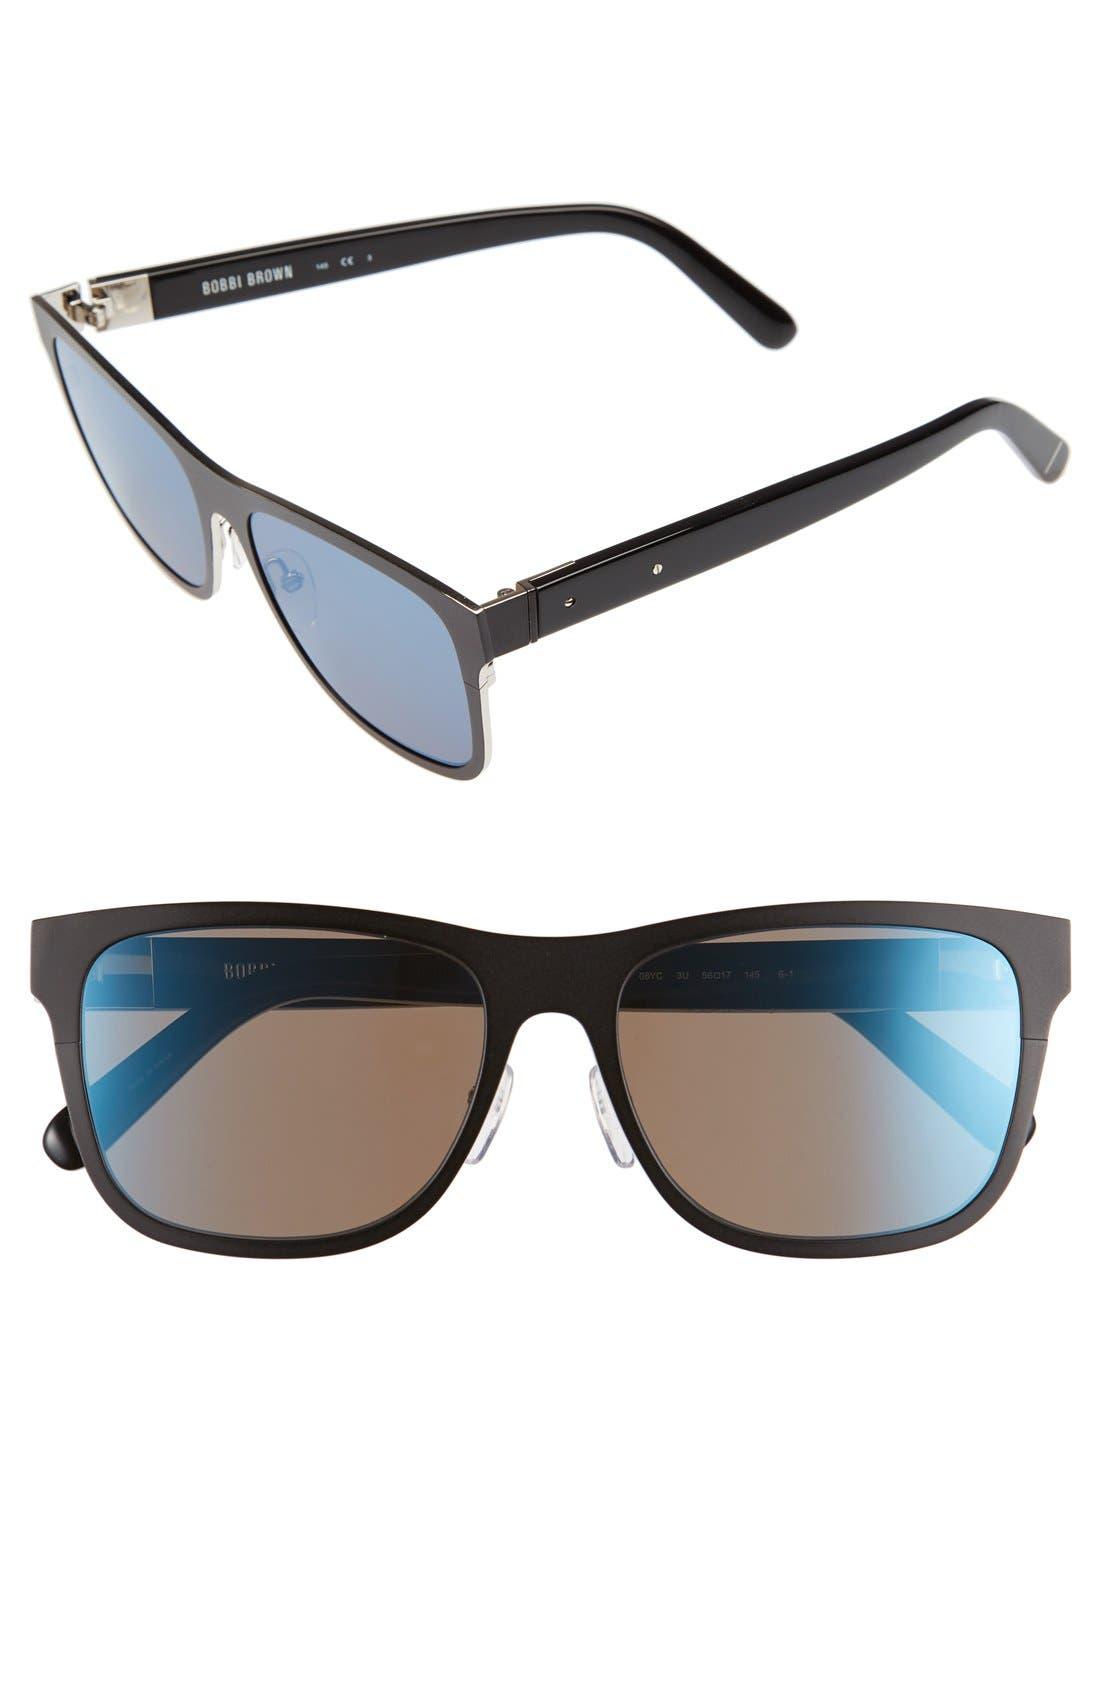 Bobbi Brown 'The Zach' 56mm Retro Sunglasses